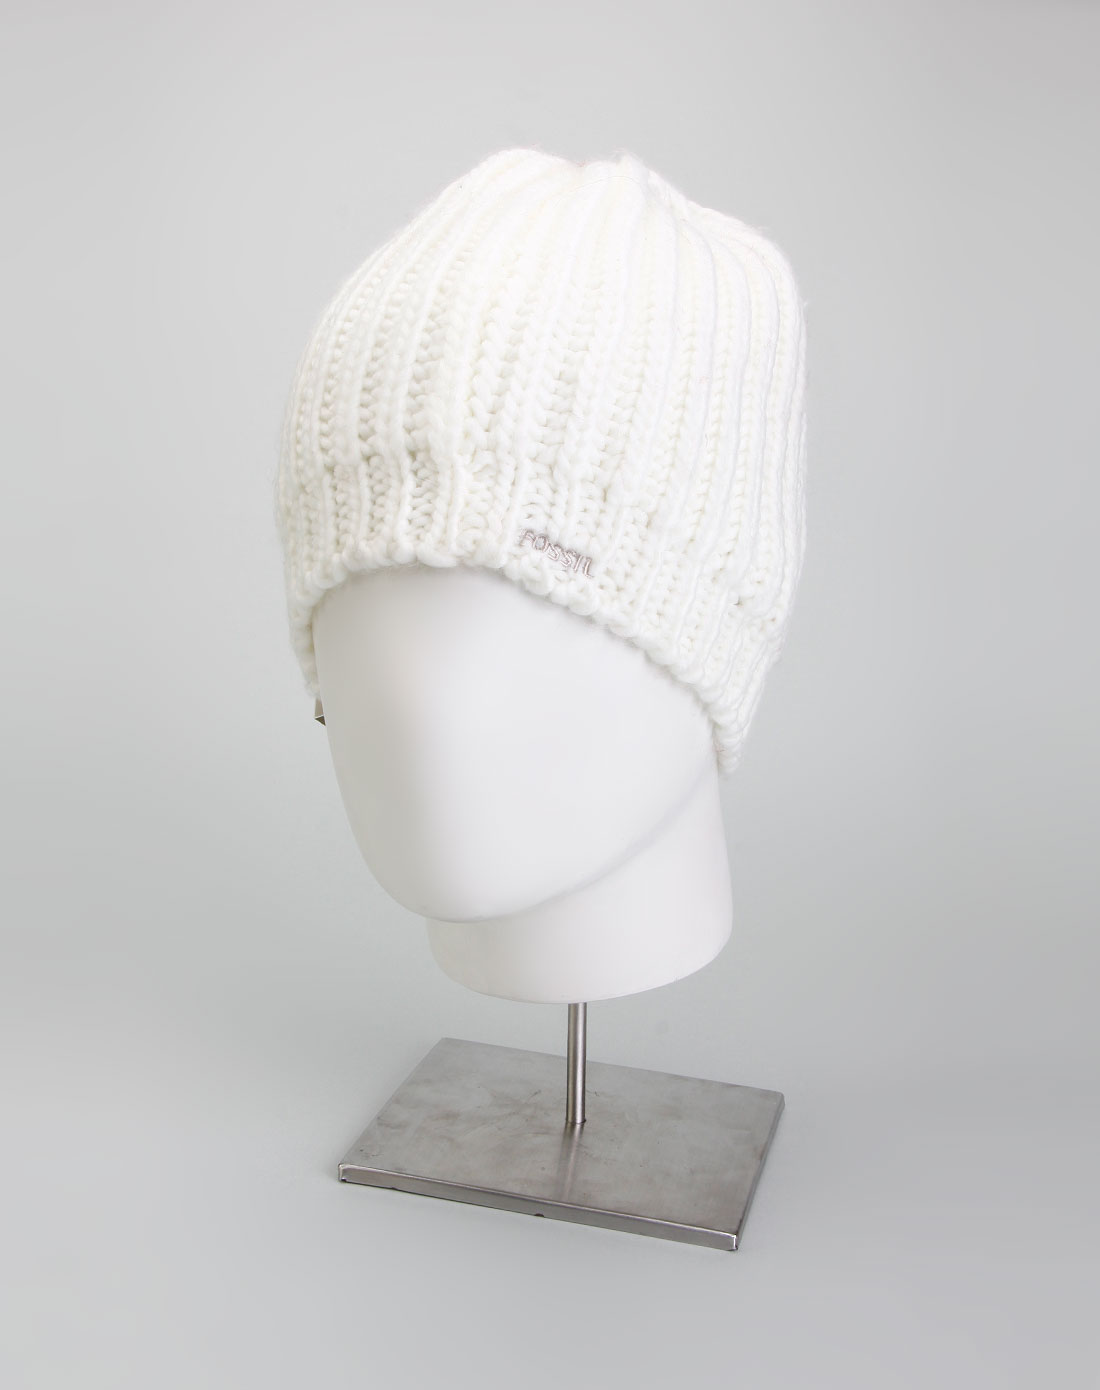 fossil 中性白色针织帽子